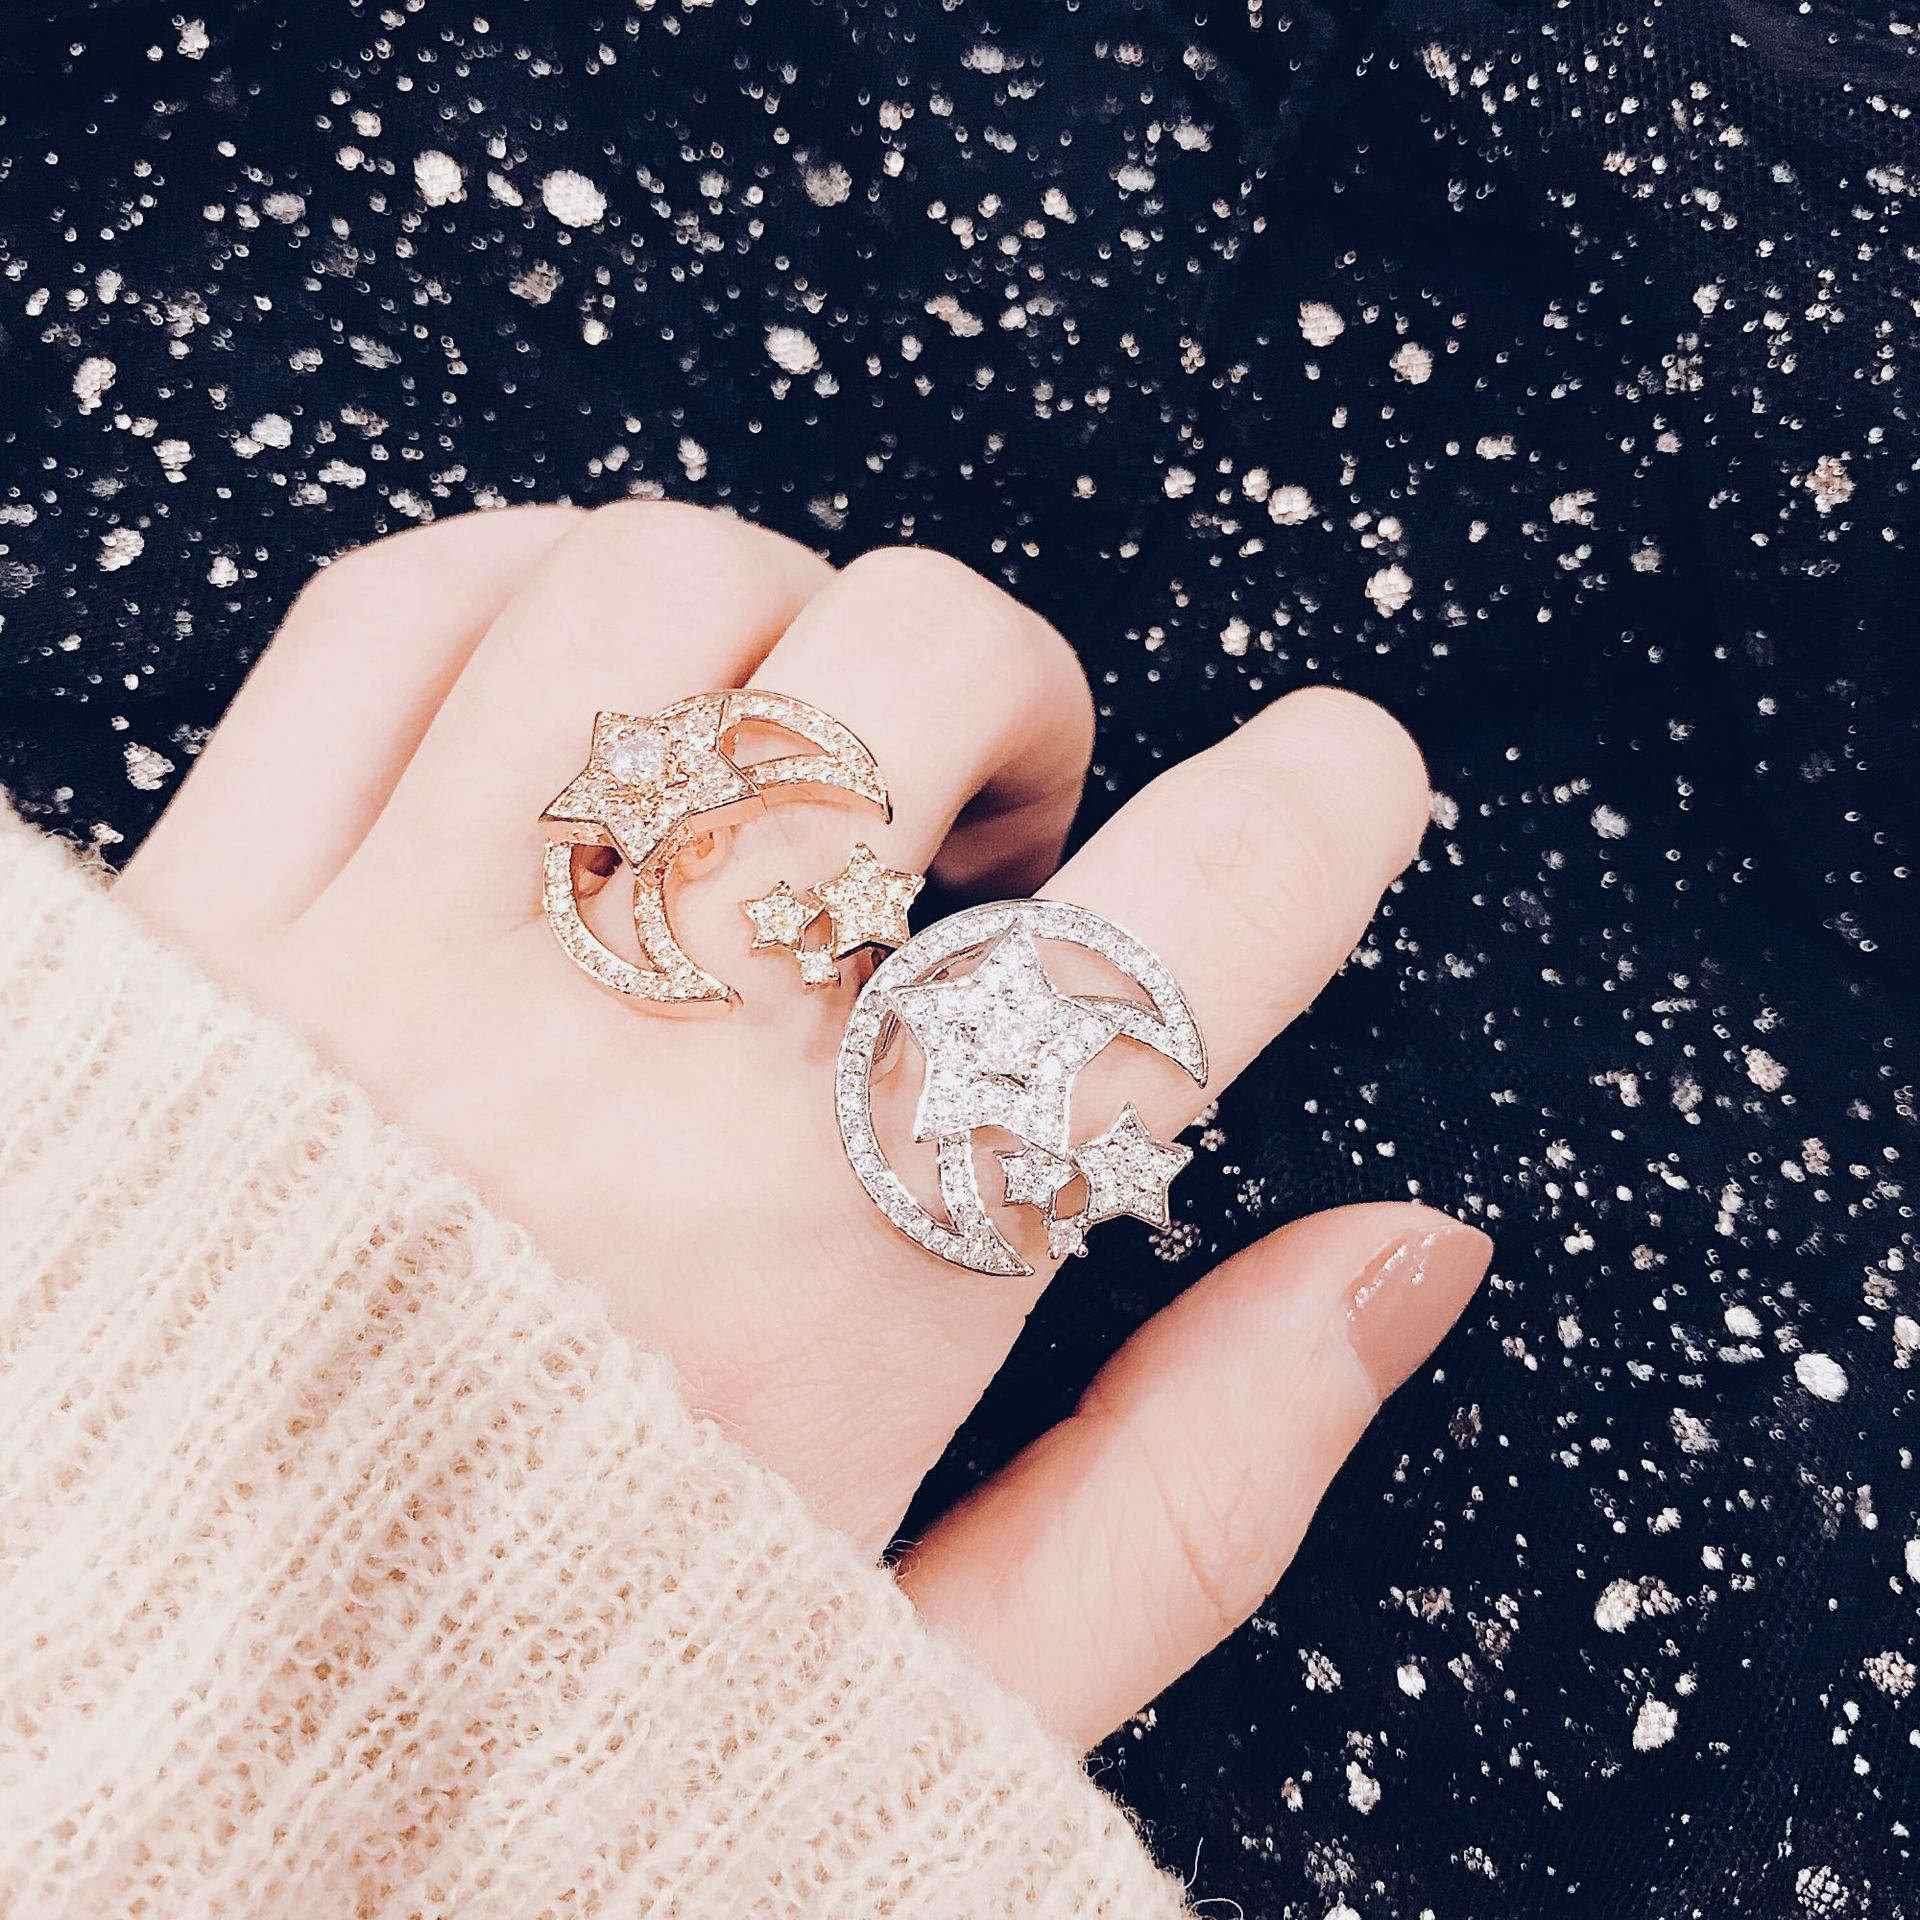 レディース指輪★アクセサリー★個性★気質★リング★ファッション☆彡